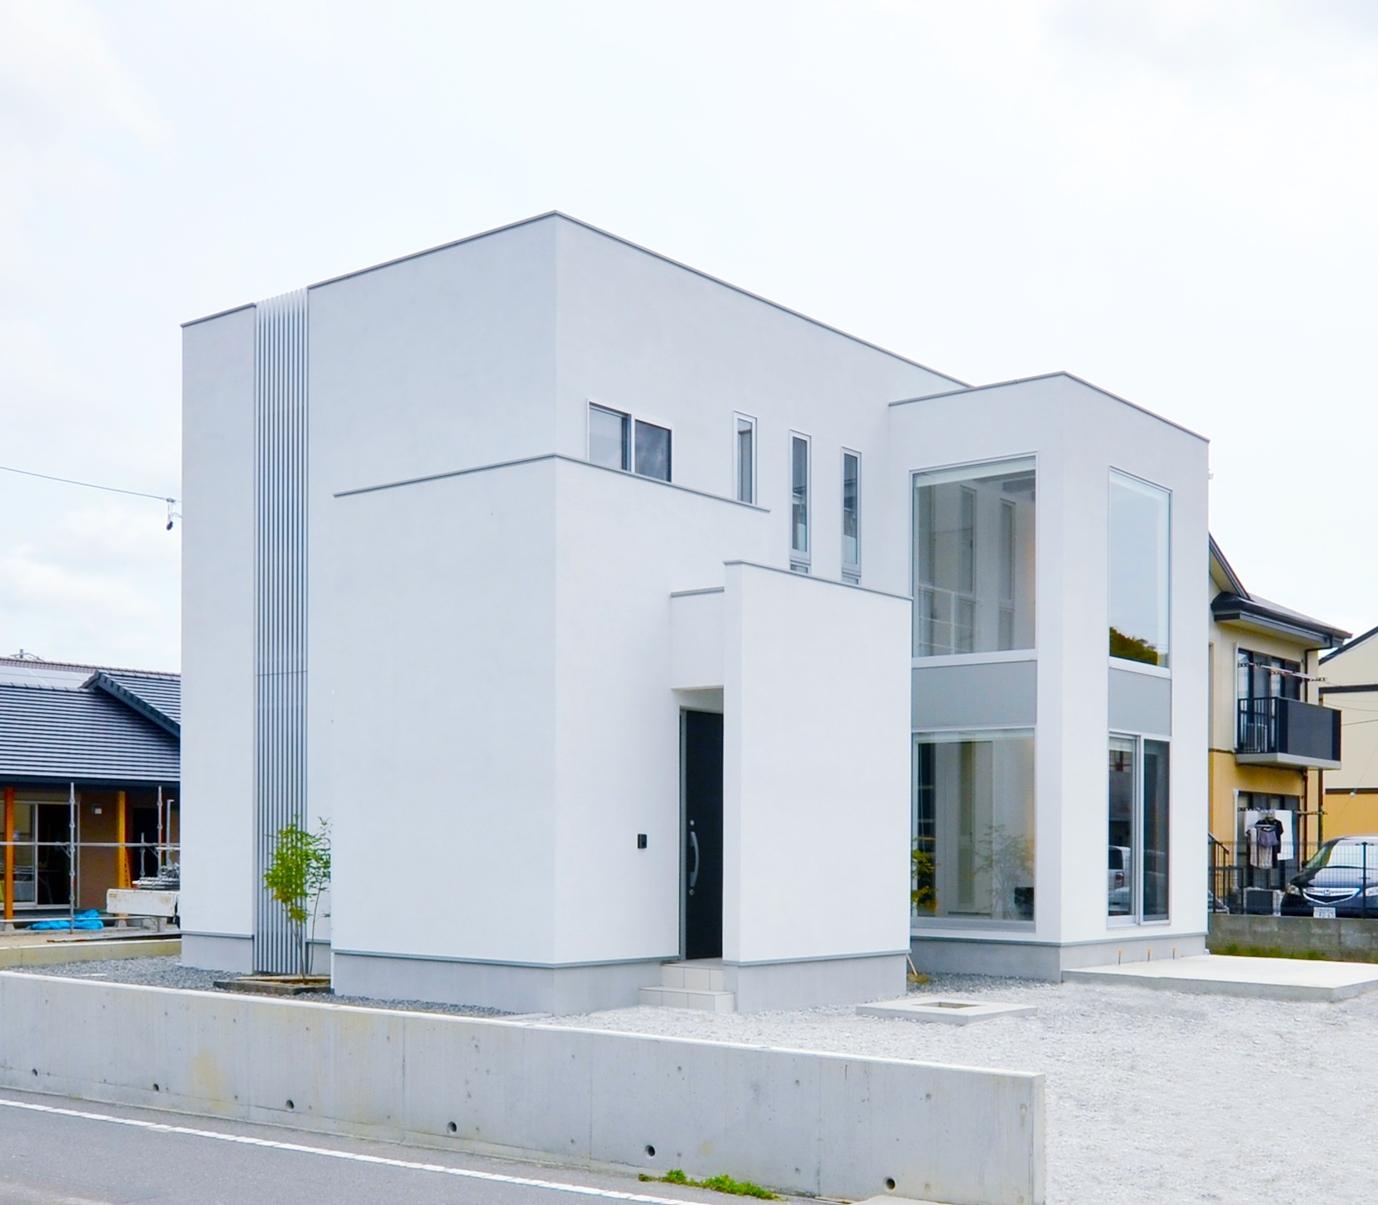 ティアラホームスタイル【1000万円台、デザイン住宅、収納力】高さの異なる箱型が折り重なった、シンプルながら動きのあるフォルム